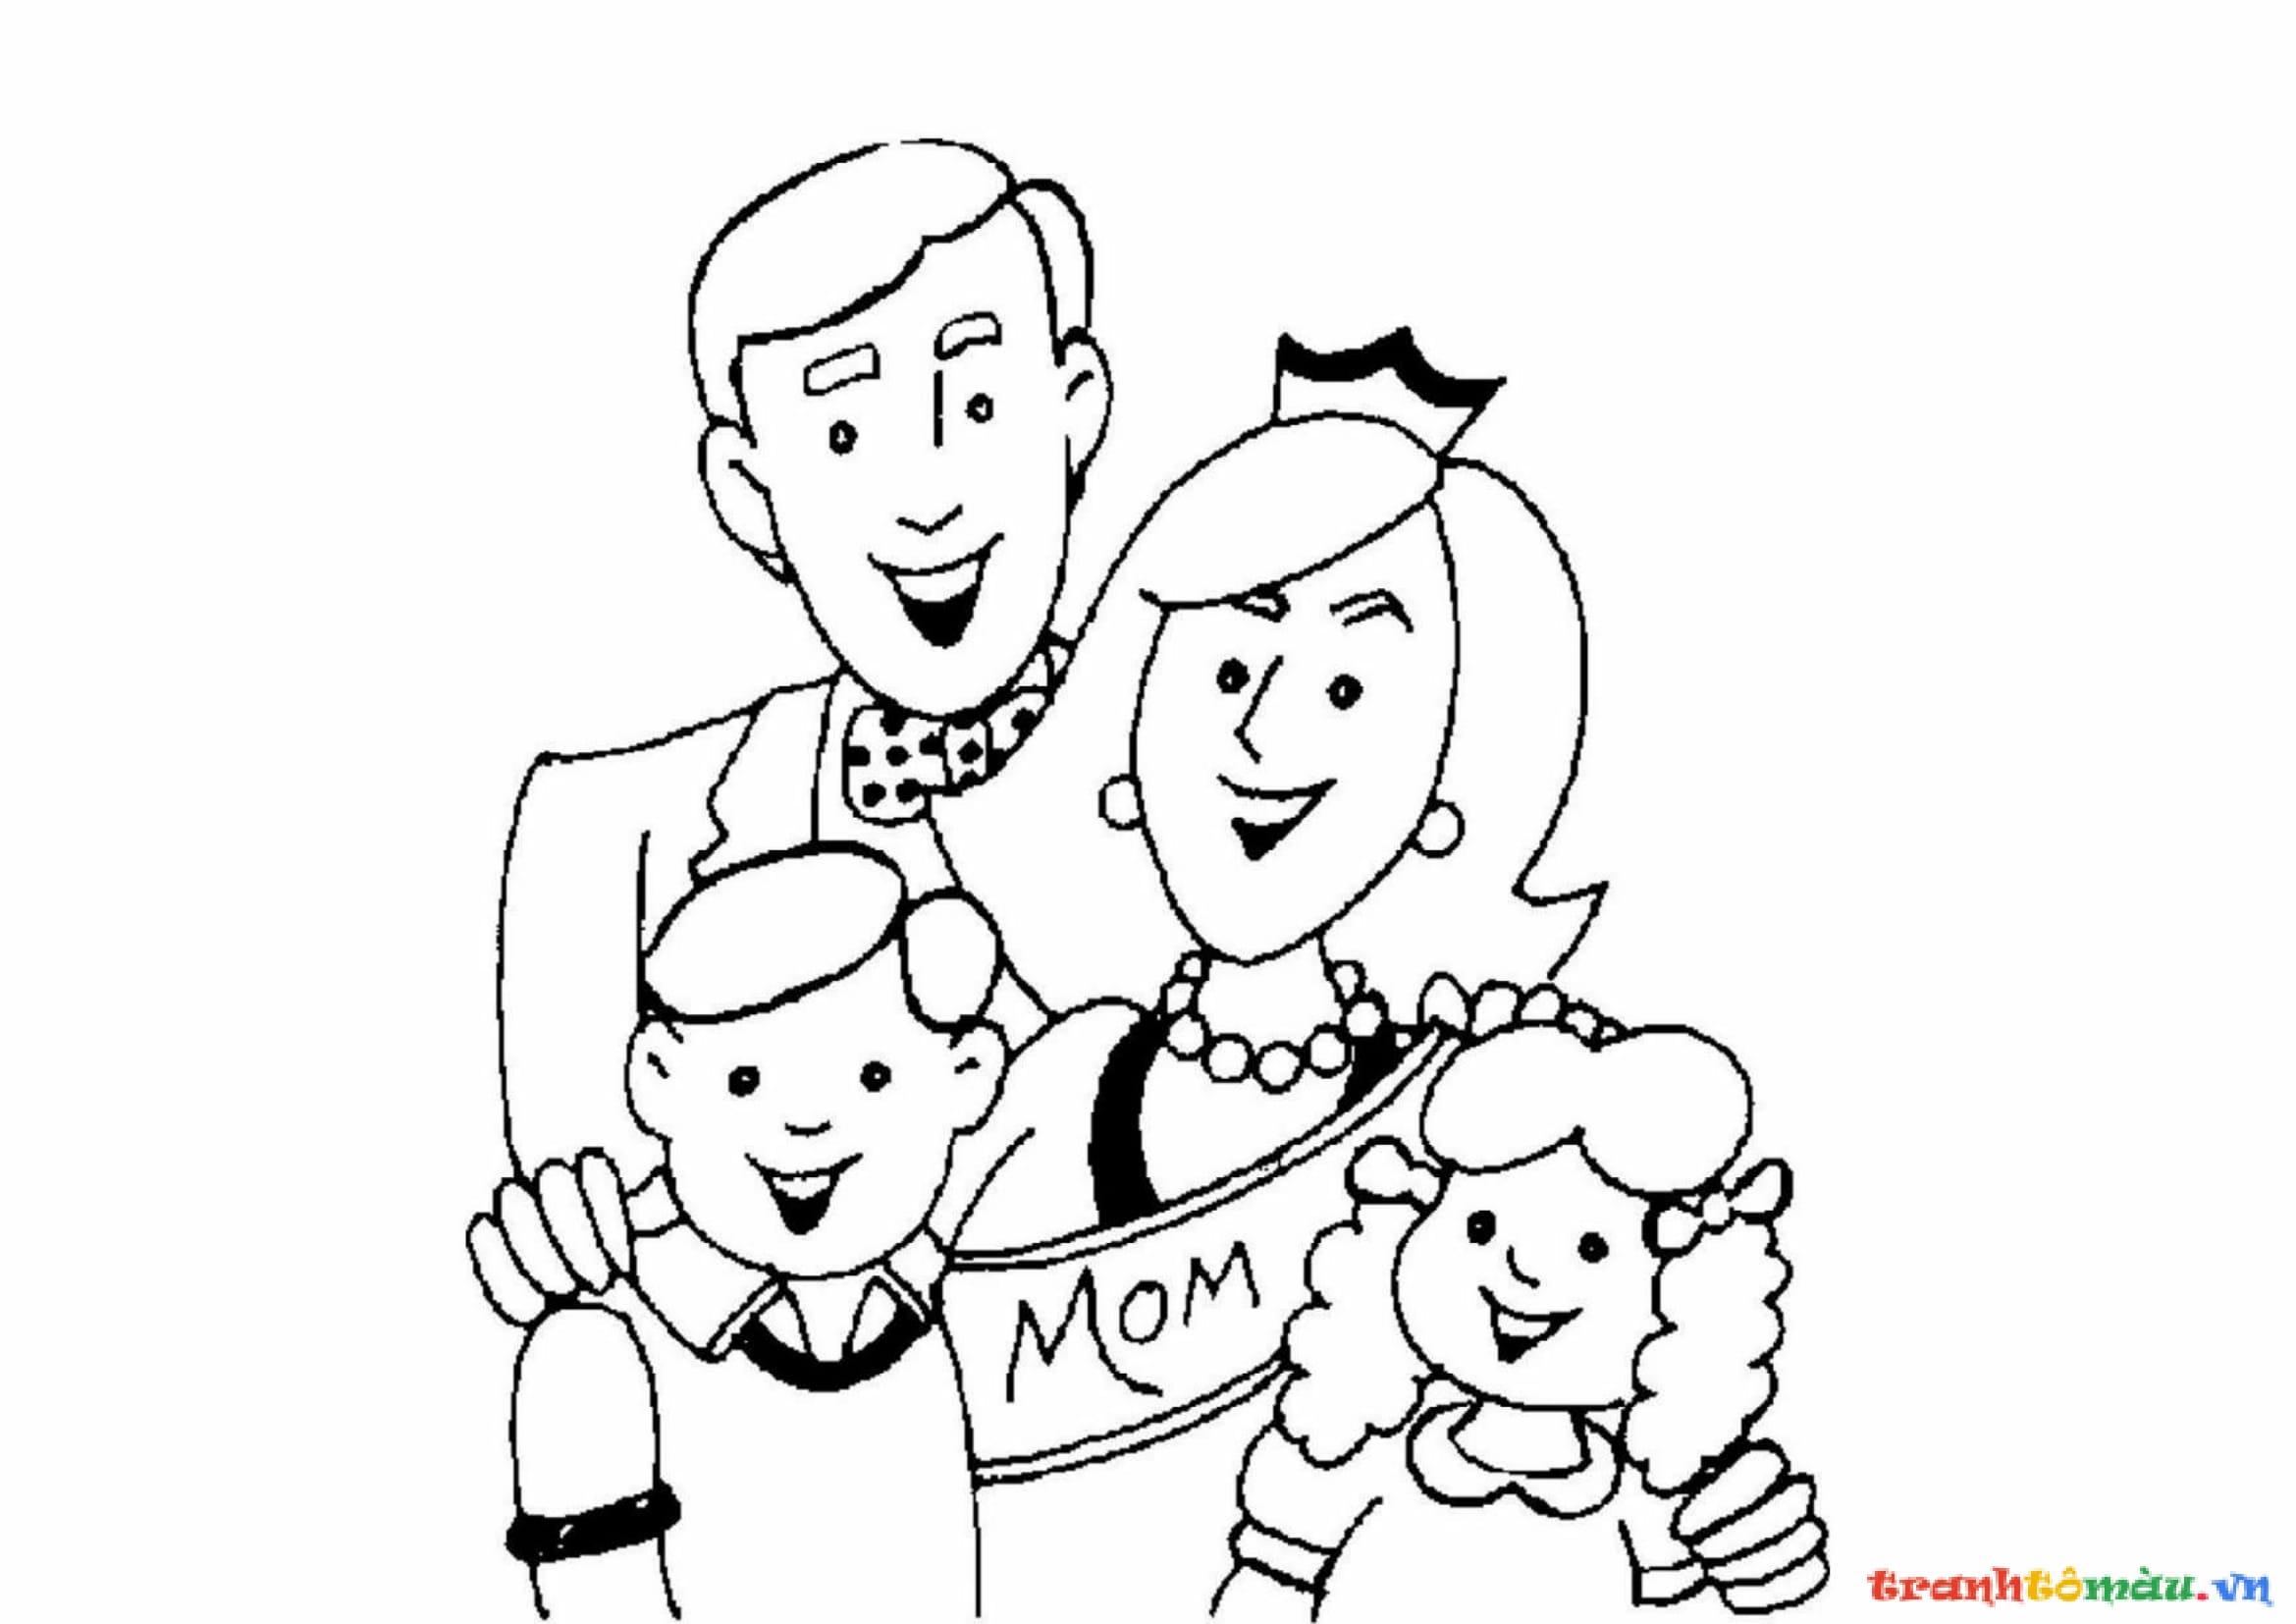 Download tải tranh tô màu bố mẹ gia đình cho bé 14